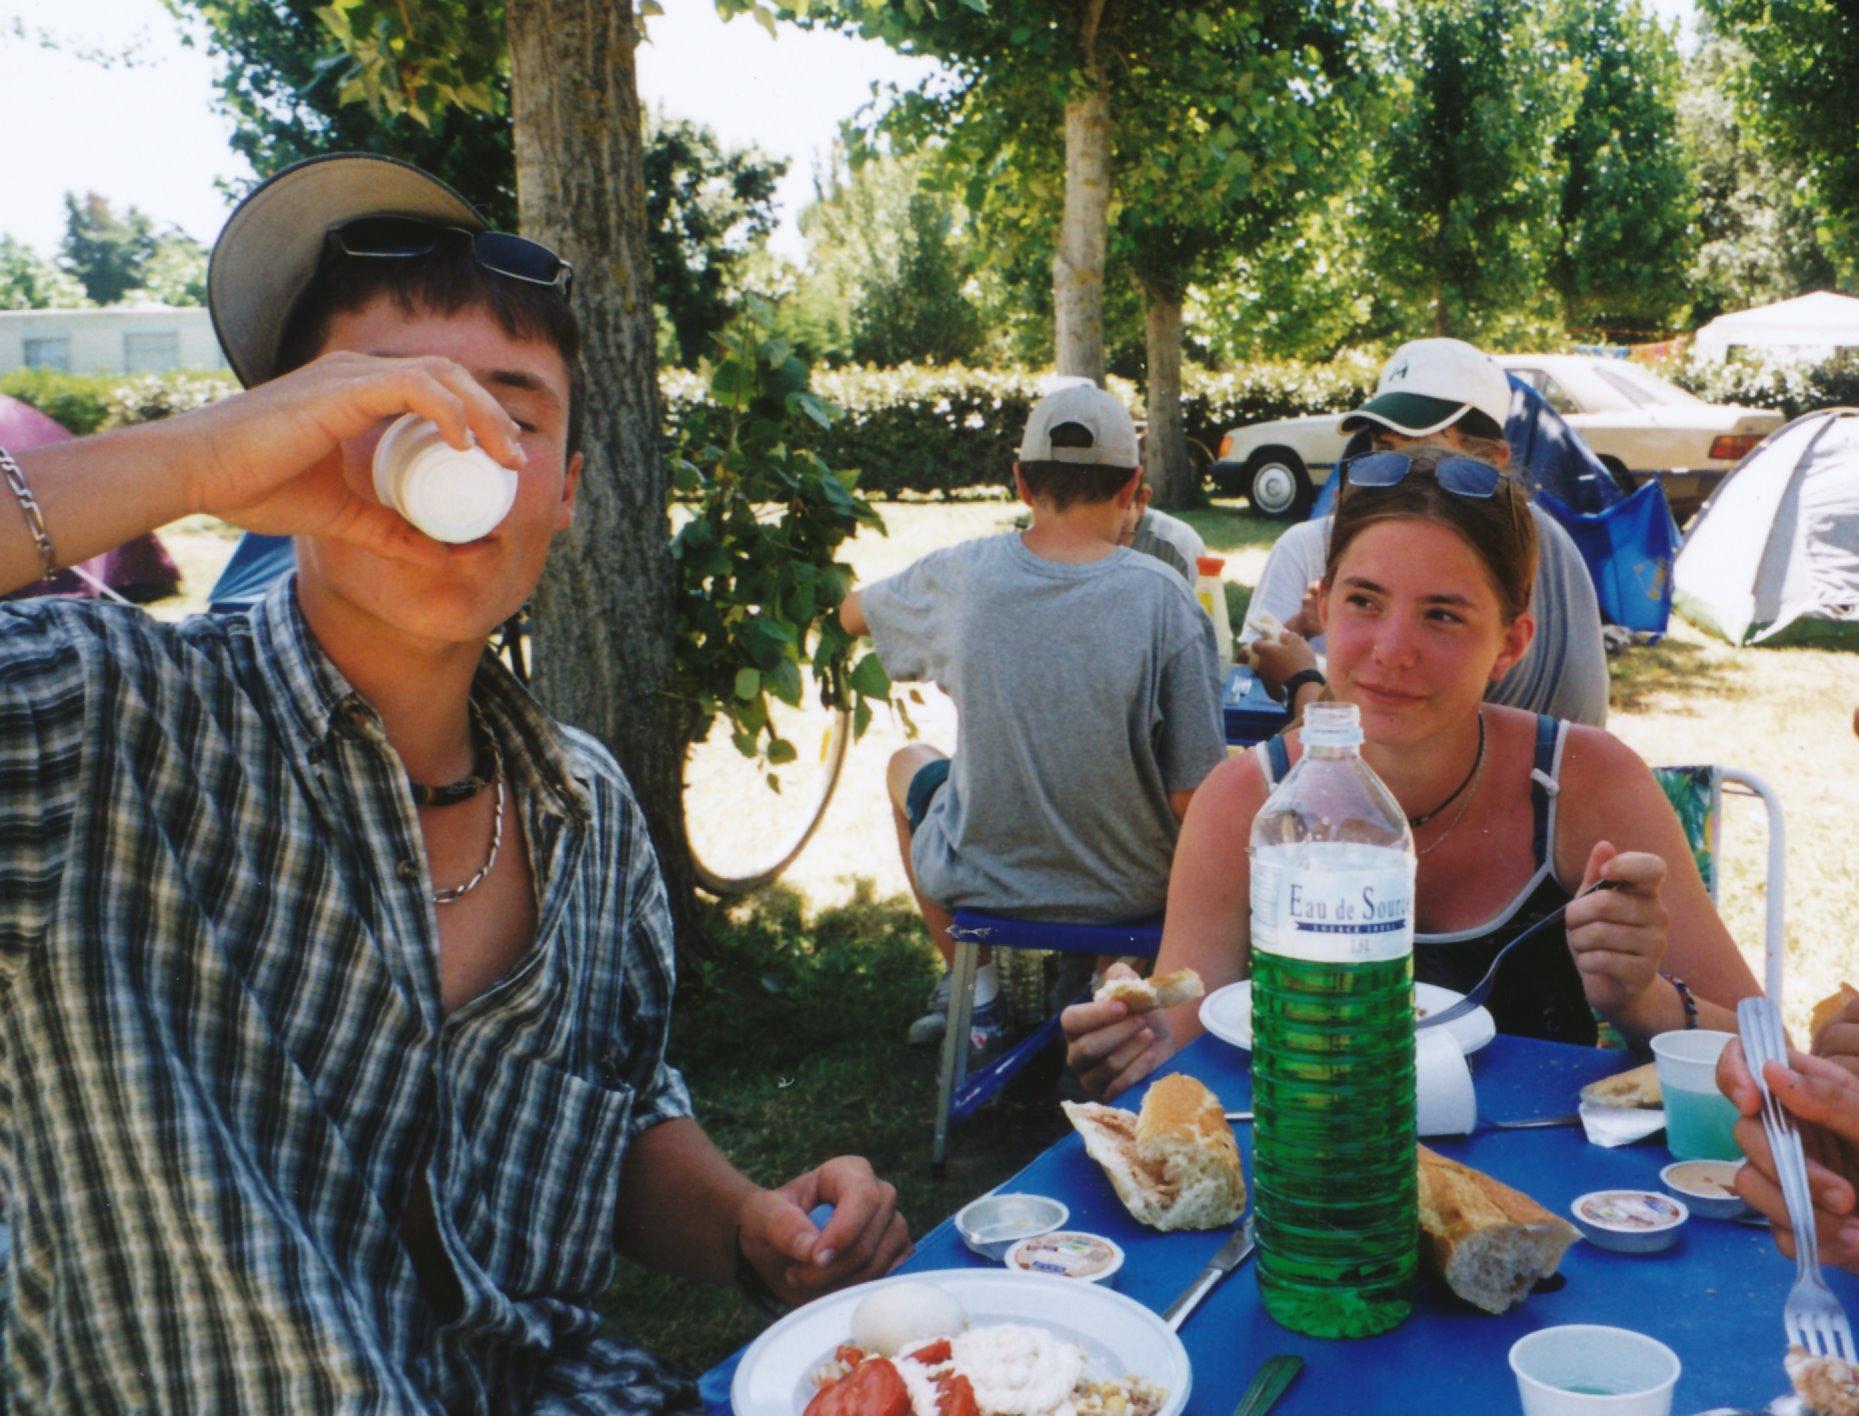 Archives anciens élèves mfr puy-sec 2002 (20)